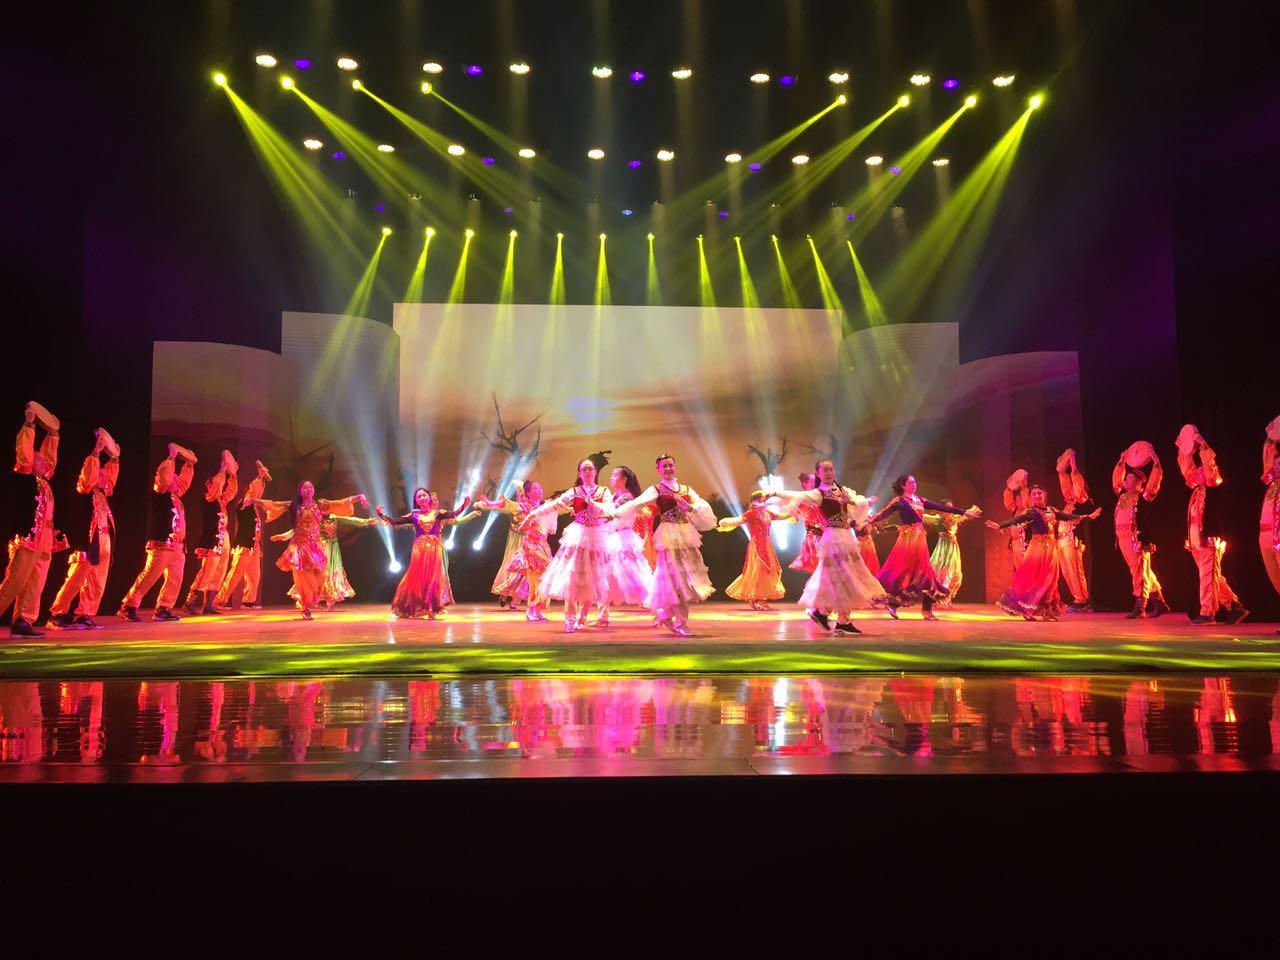 舞美舞台灯光对于大型晚会有哪些要求?效果图